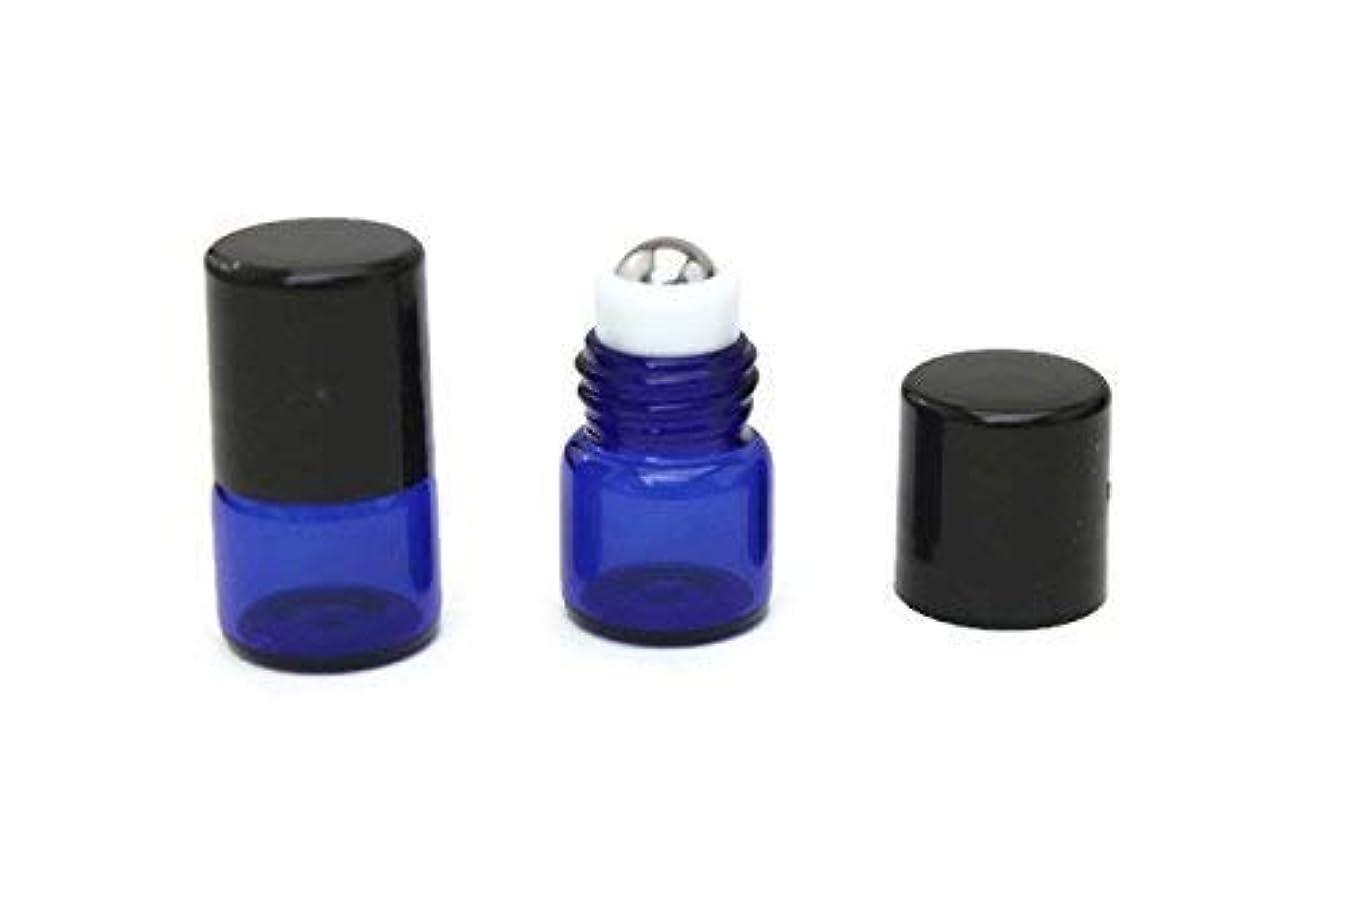 ジョセフバンクス泥だらけ属するEssential Oil Roller Bottle 72-1 ml (1/4 Dram) COBALT BLUE Glass Micro Mini Roll-on Glass Bottles with Stainless...